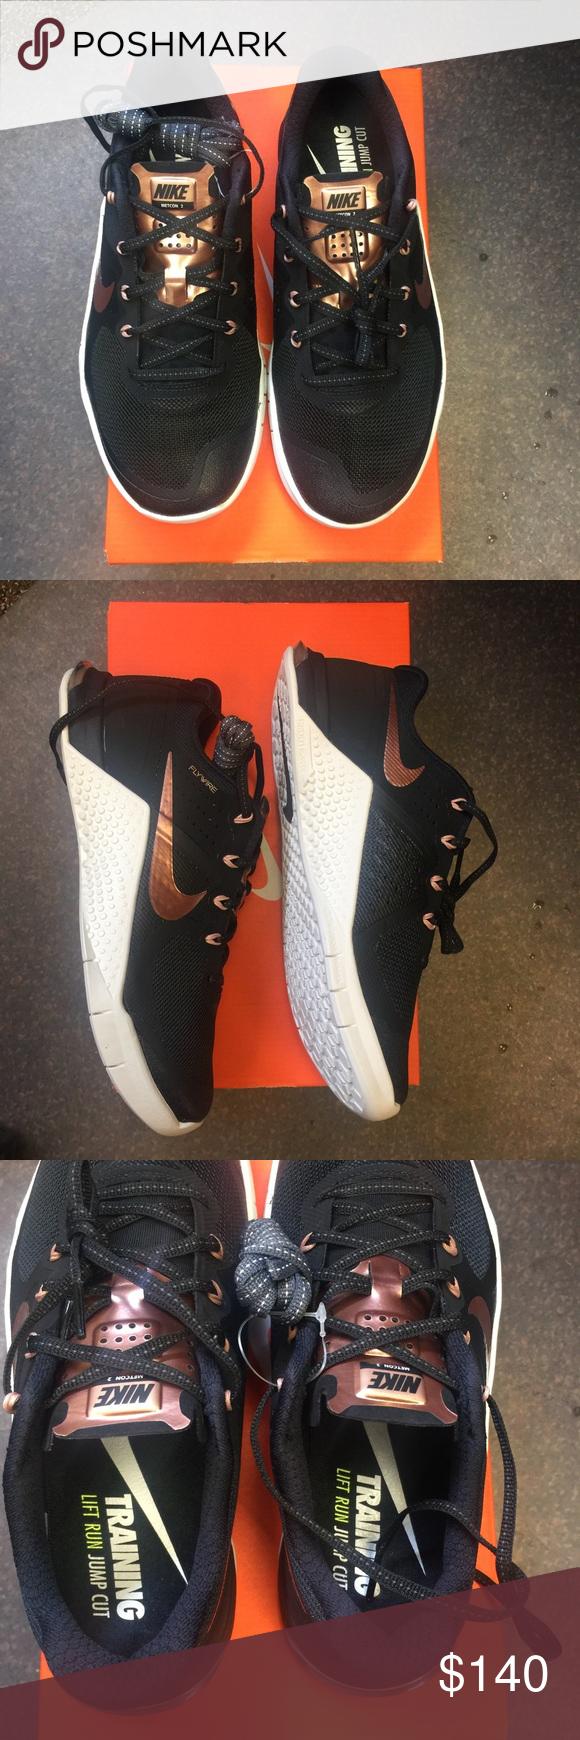 266df5bcfdd6 Rose Gold Women s Nike Metcon 2 NWB Women s Nike Metcon 2 Rose Gold Size  6.5 Nike Shoes Athletic Shoes